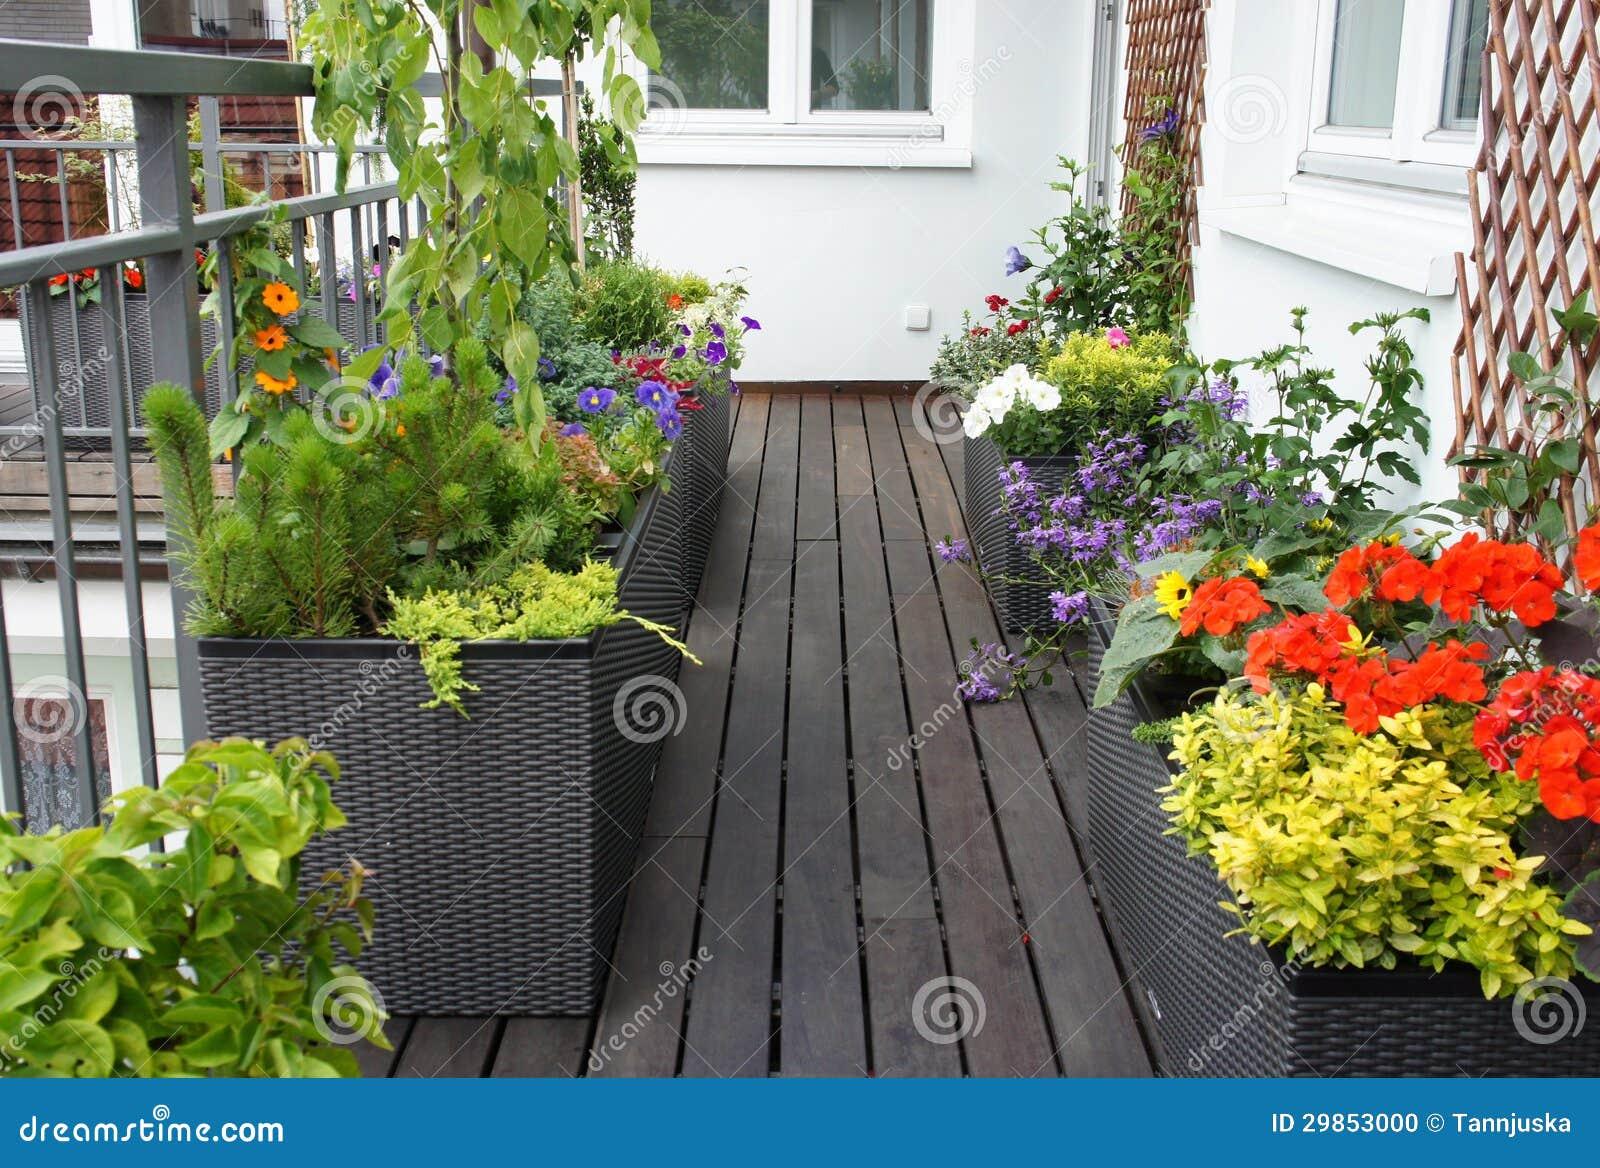 Bello Terrazzo Moderno Con Molti Fiori Fotografia Stock - Immagine: 29853000